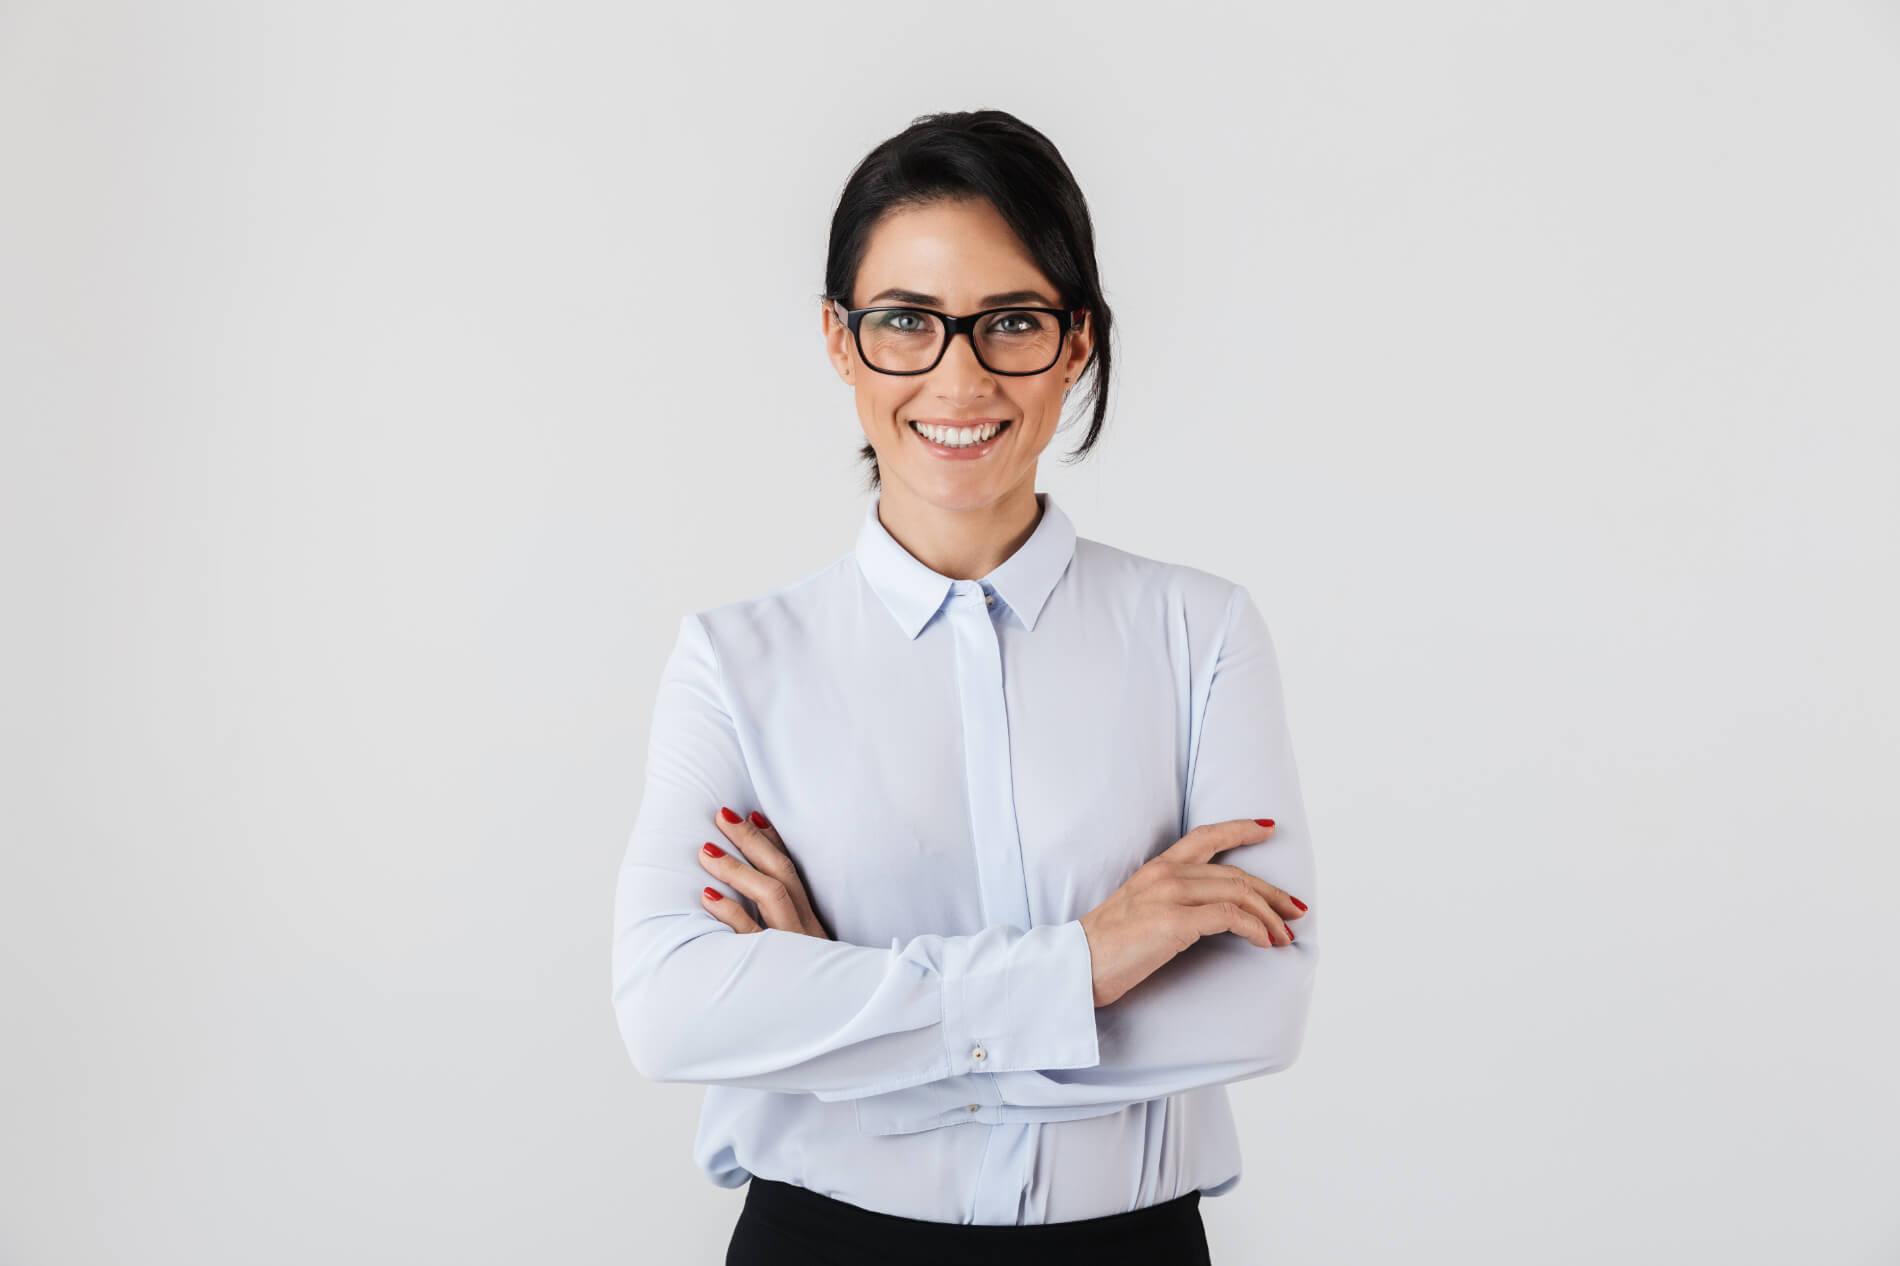 brunetka w białej koszuli i okularach